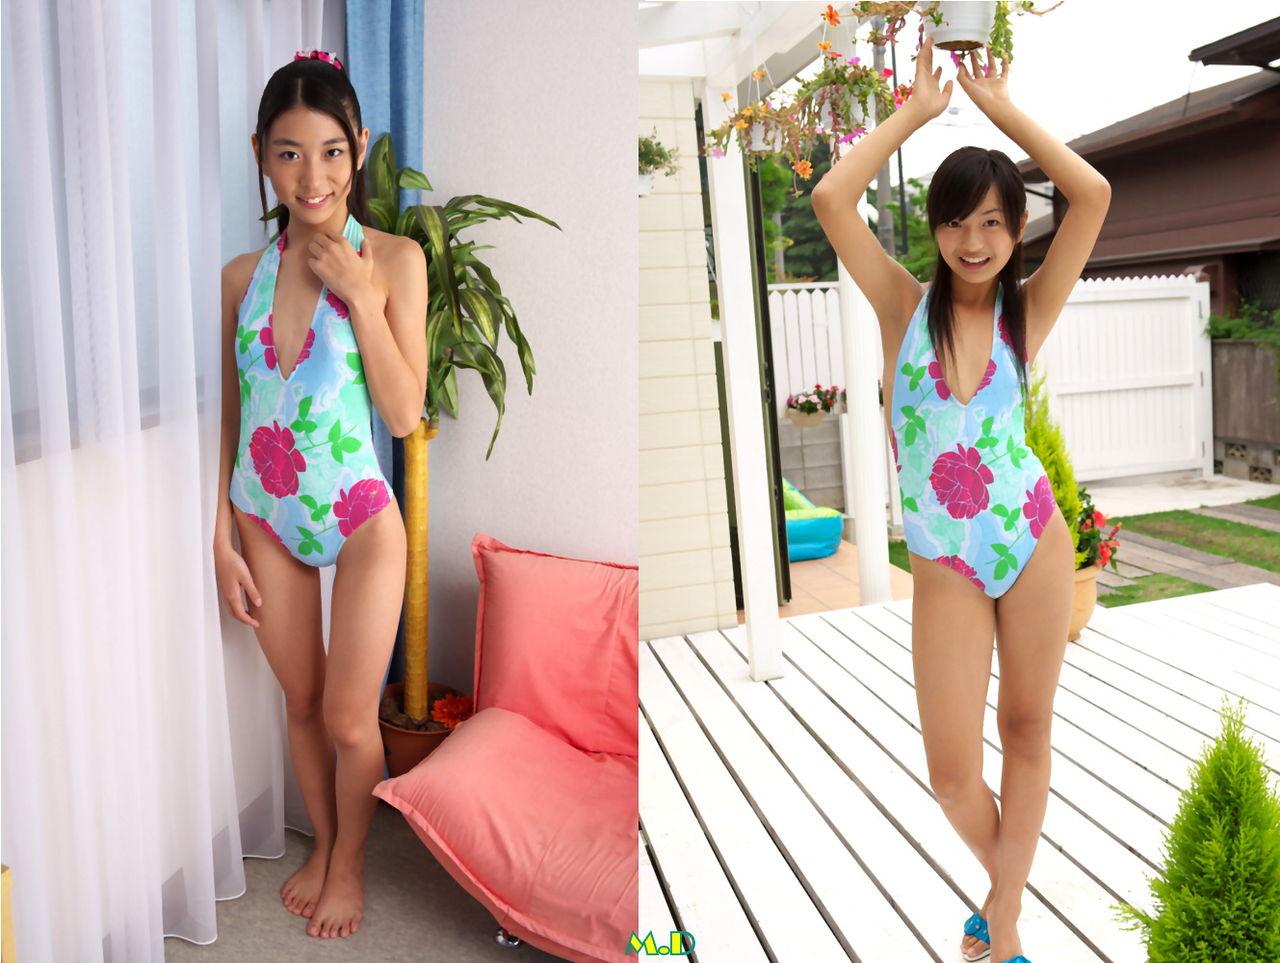 泉明日香さんの水着